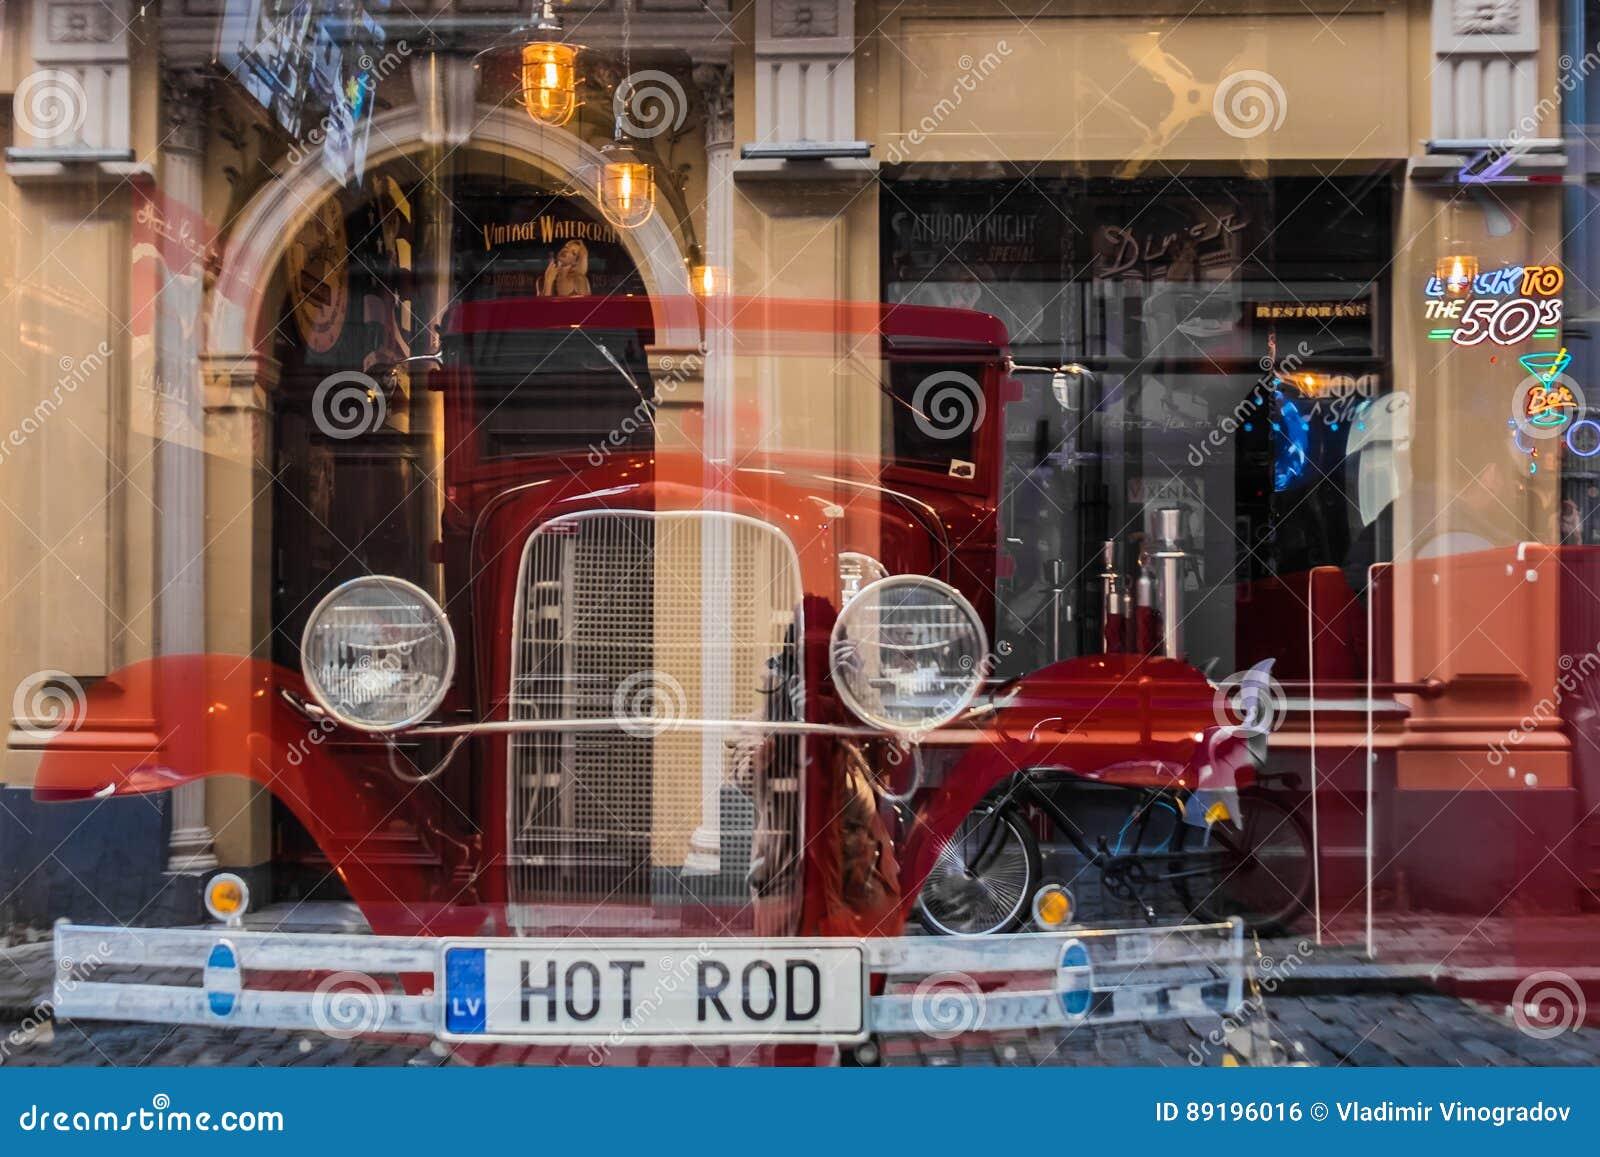 Riga, Lettonie - 20 mars 2017 : Hot rod dans la barre américaine de vintage avec des réflexions de photorgapher et de rue Foyer s